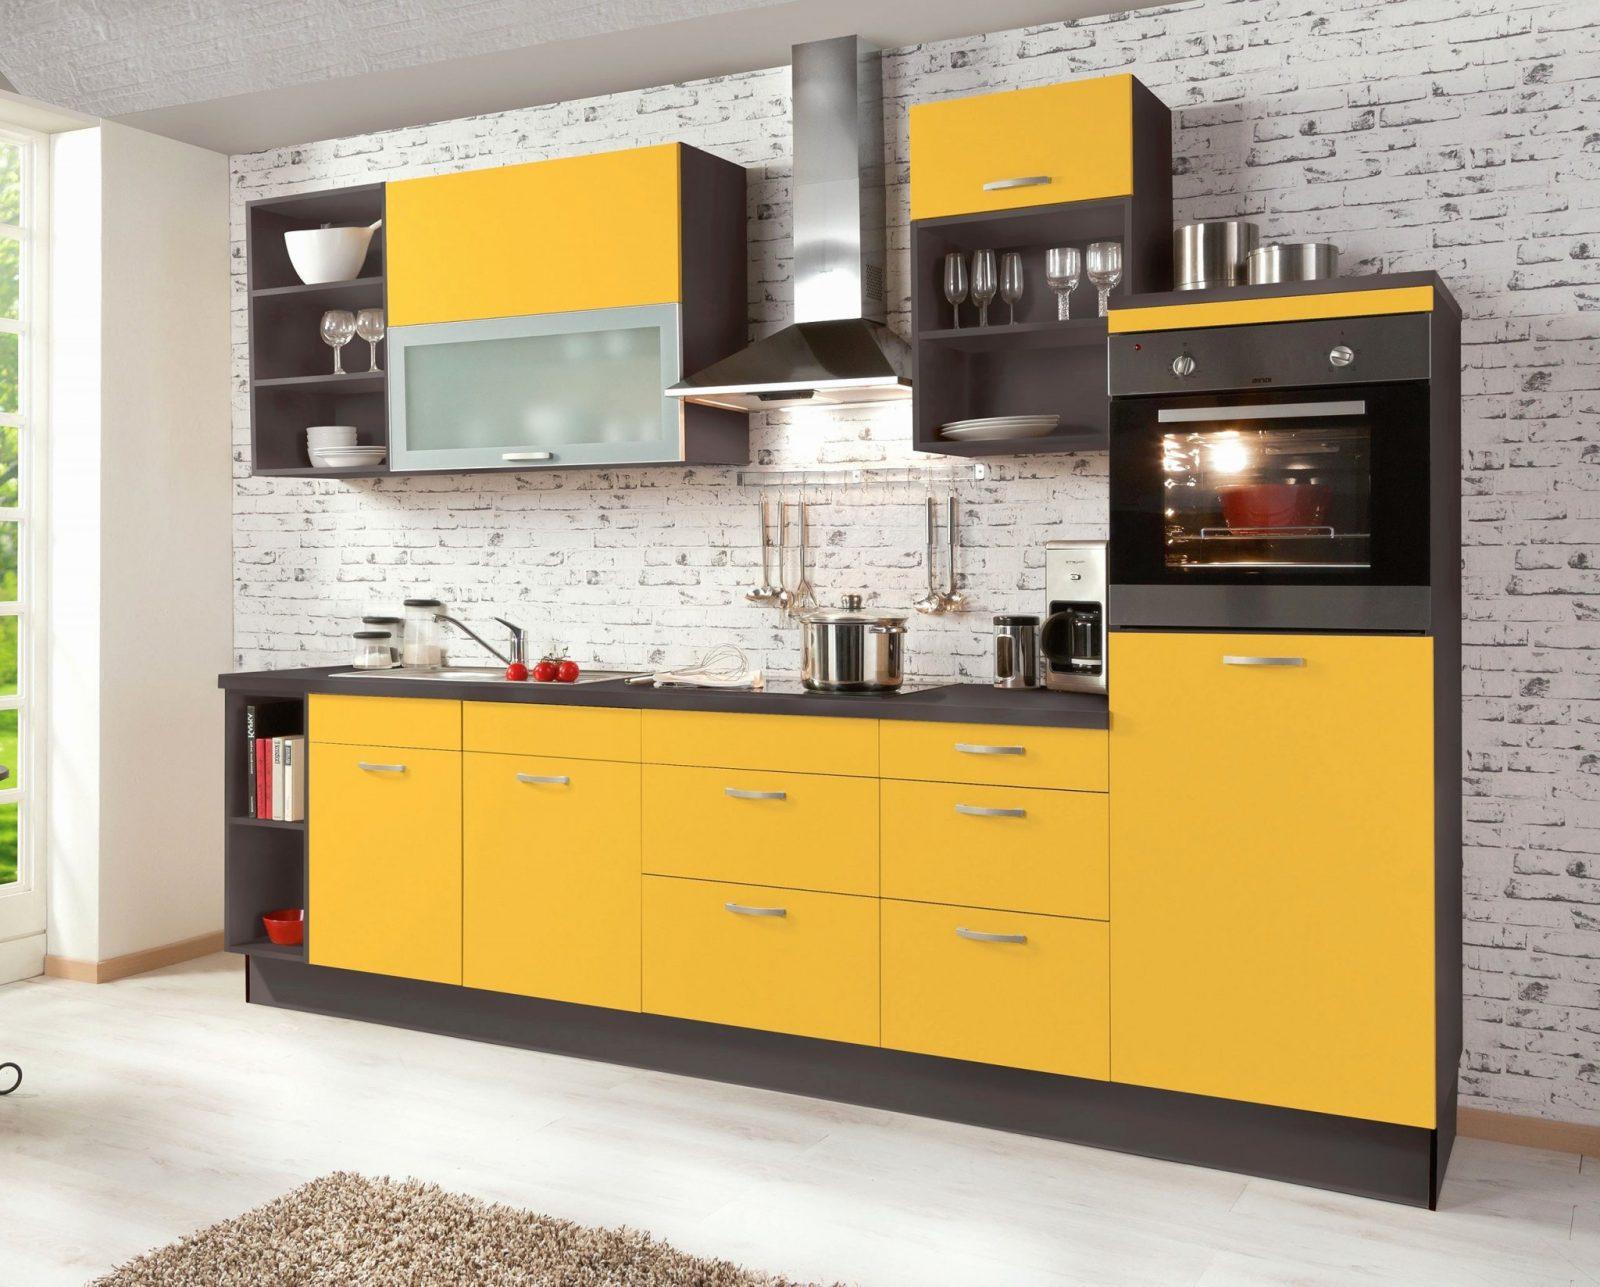 22 Schön Galerie Ideen Zum Rustikale Küchen Selber Bauen  Küchenideen von Rustikale Küche Selber Bauen Bild